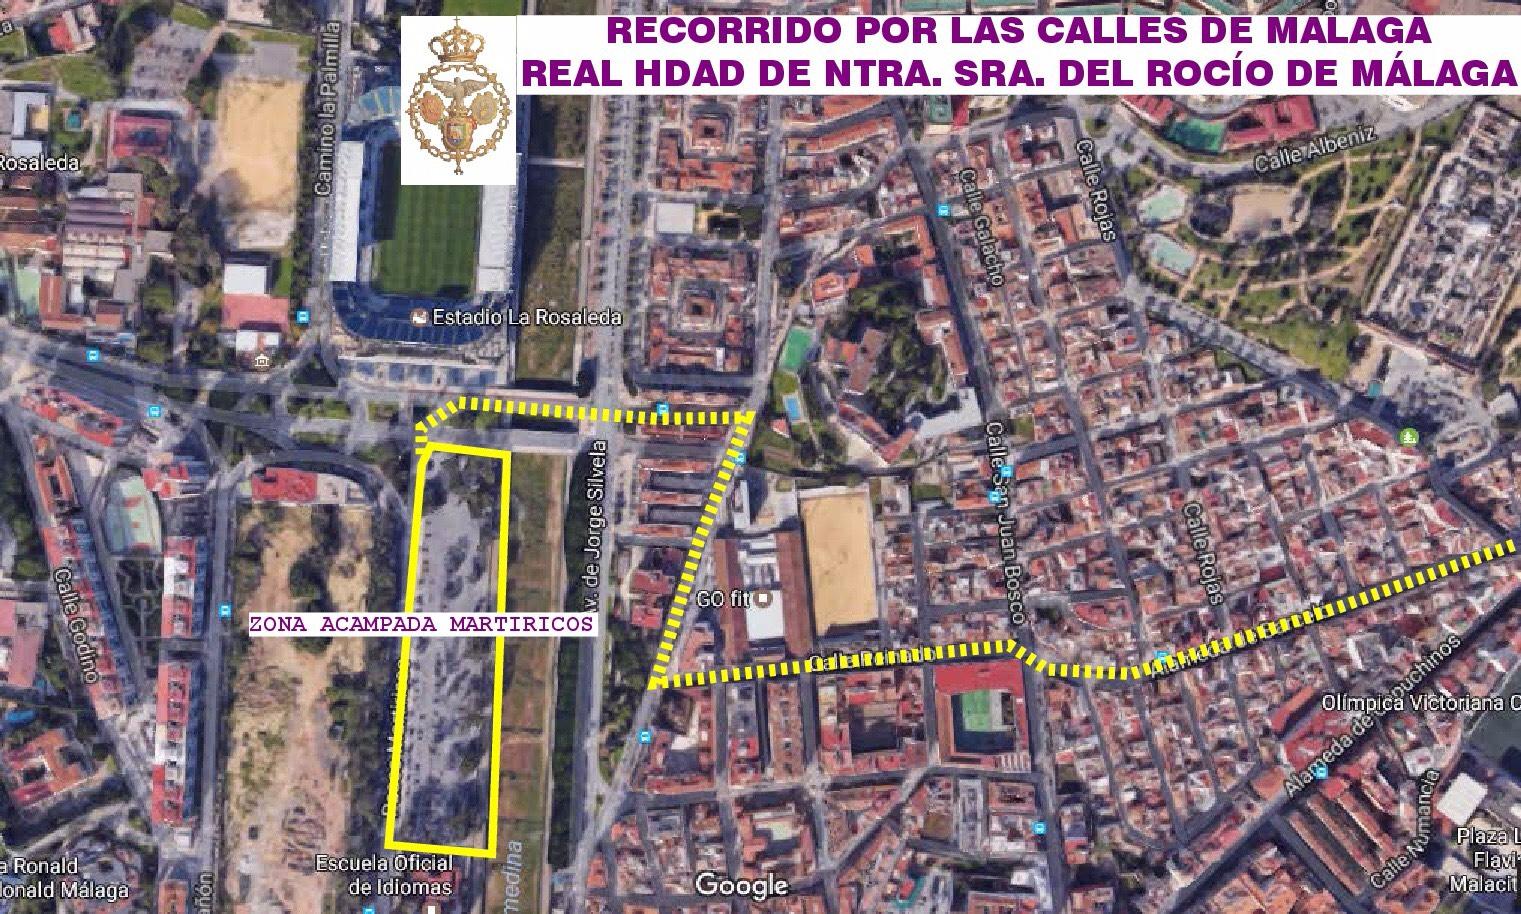 Recorrido Malaga 1